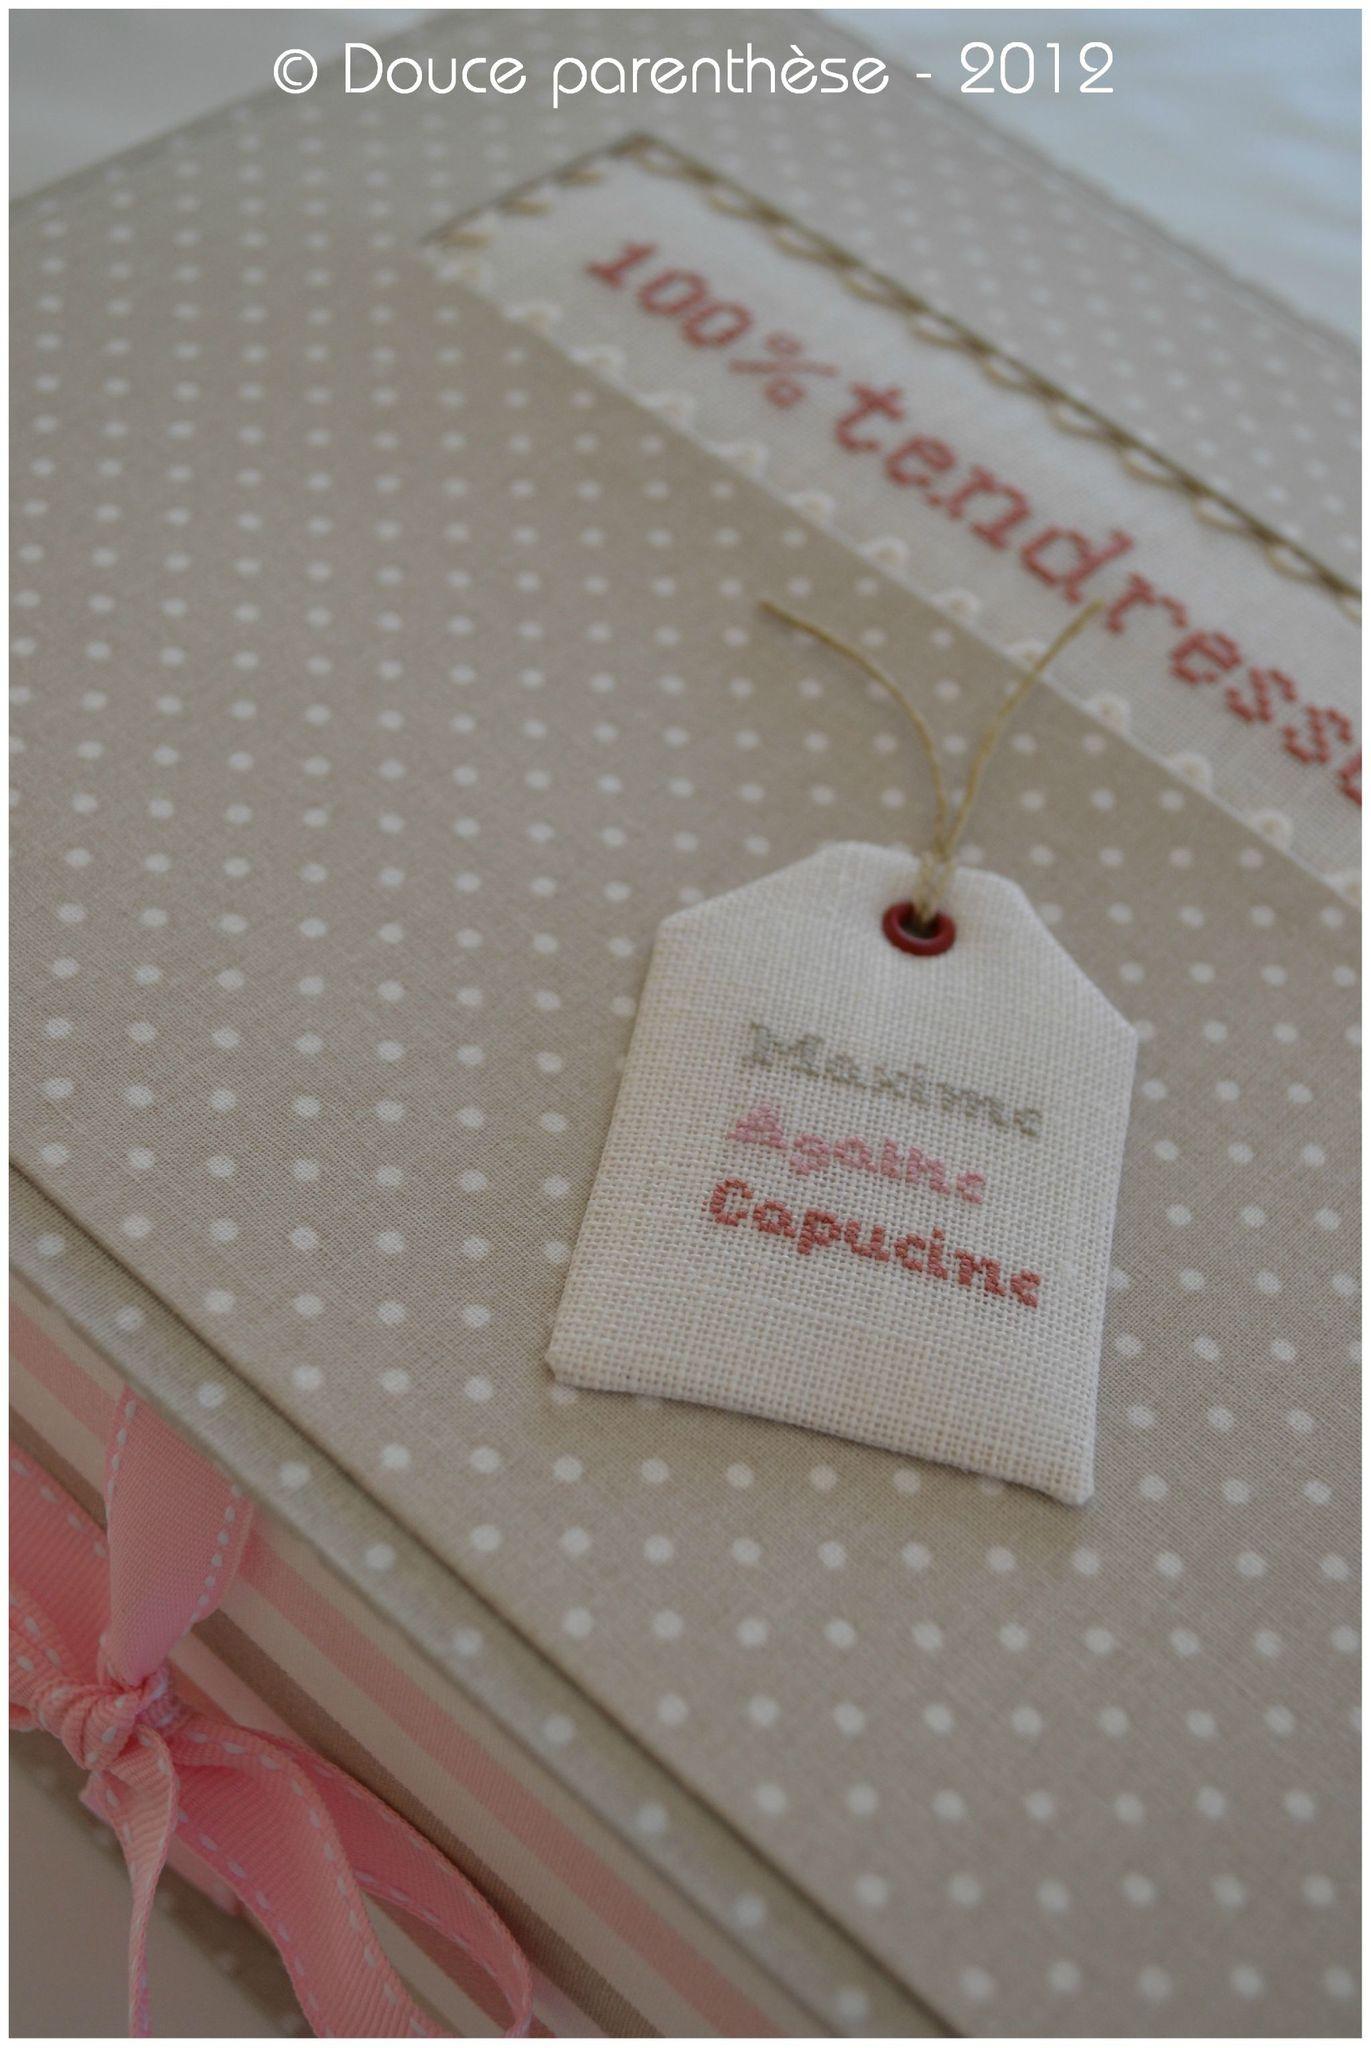 Tendresse étiquette prénoms sur boîte souvenirs